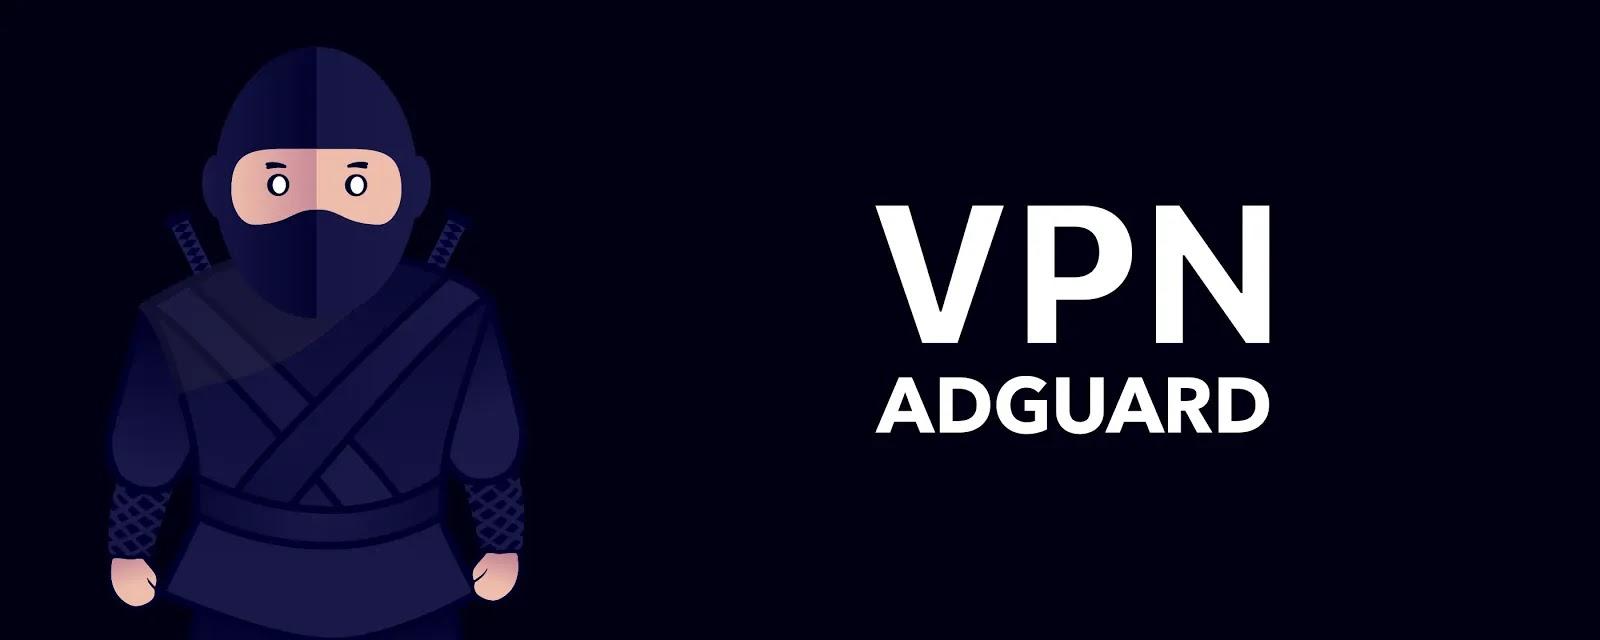 قم بتنزيل AdGuard VPN لتنظيف الإعلانات المزعجة والوصول إلى الإنترنت عبر الشبكات الخاصة.